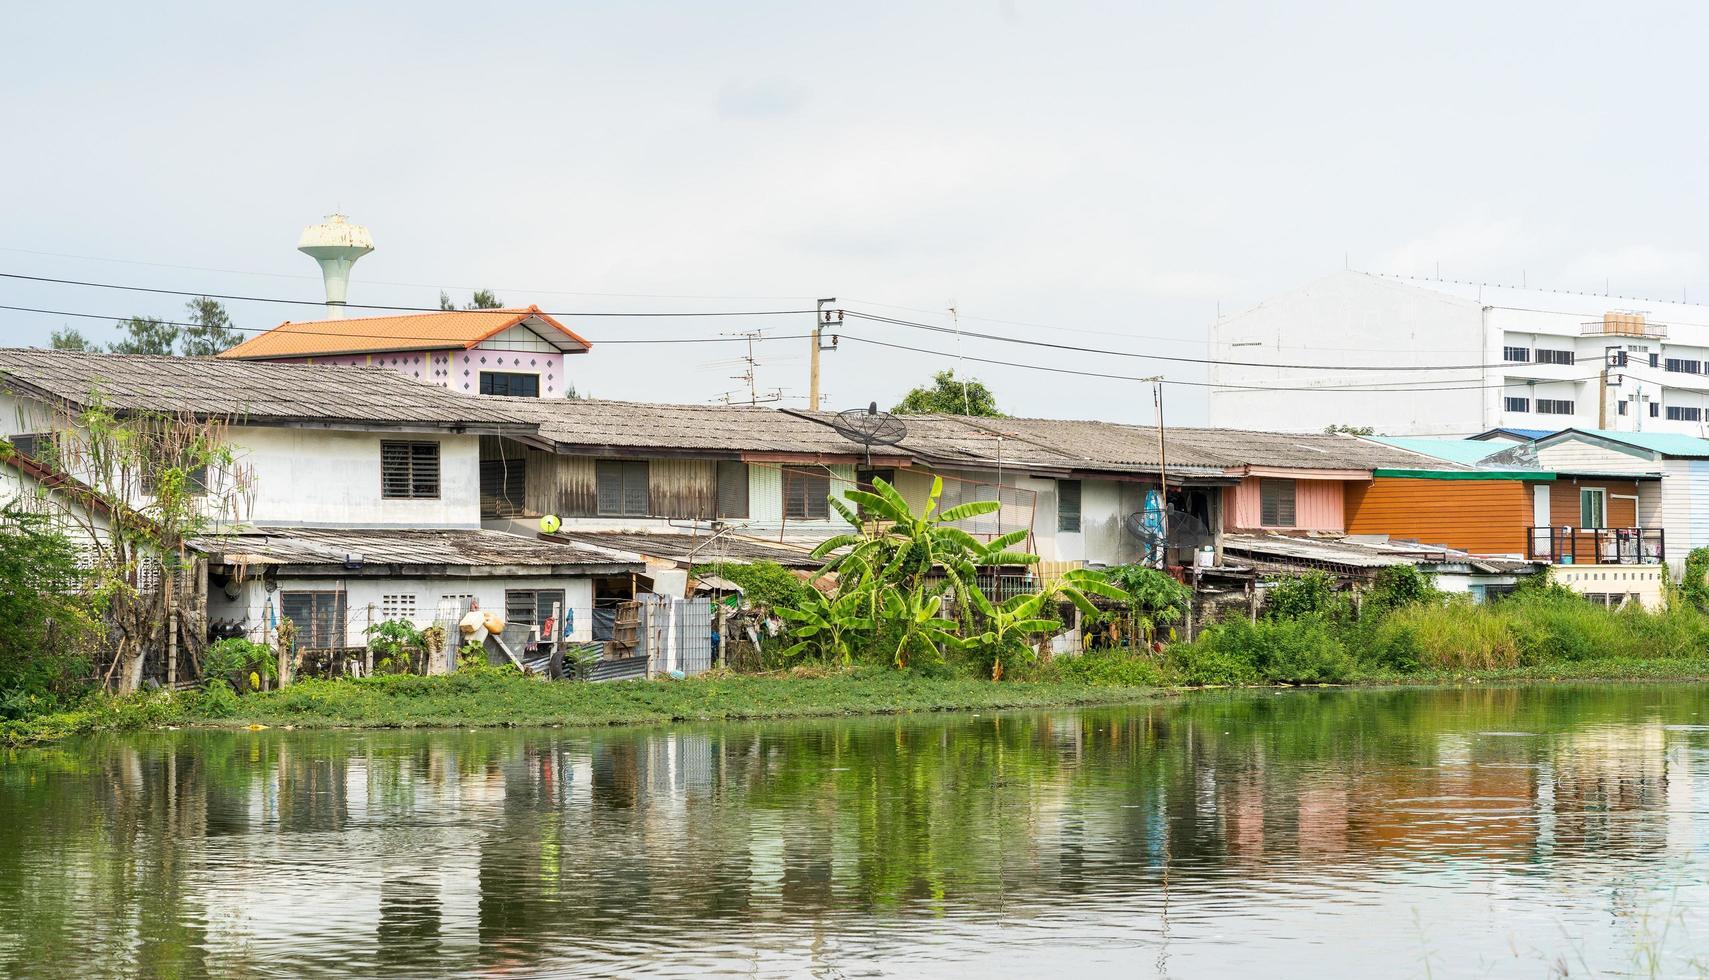 comunità sul lungomare in thailandia foto